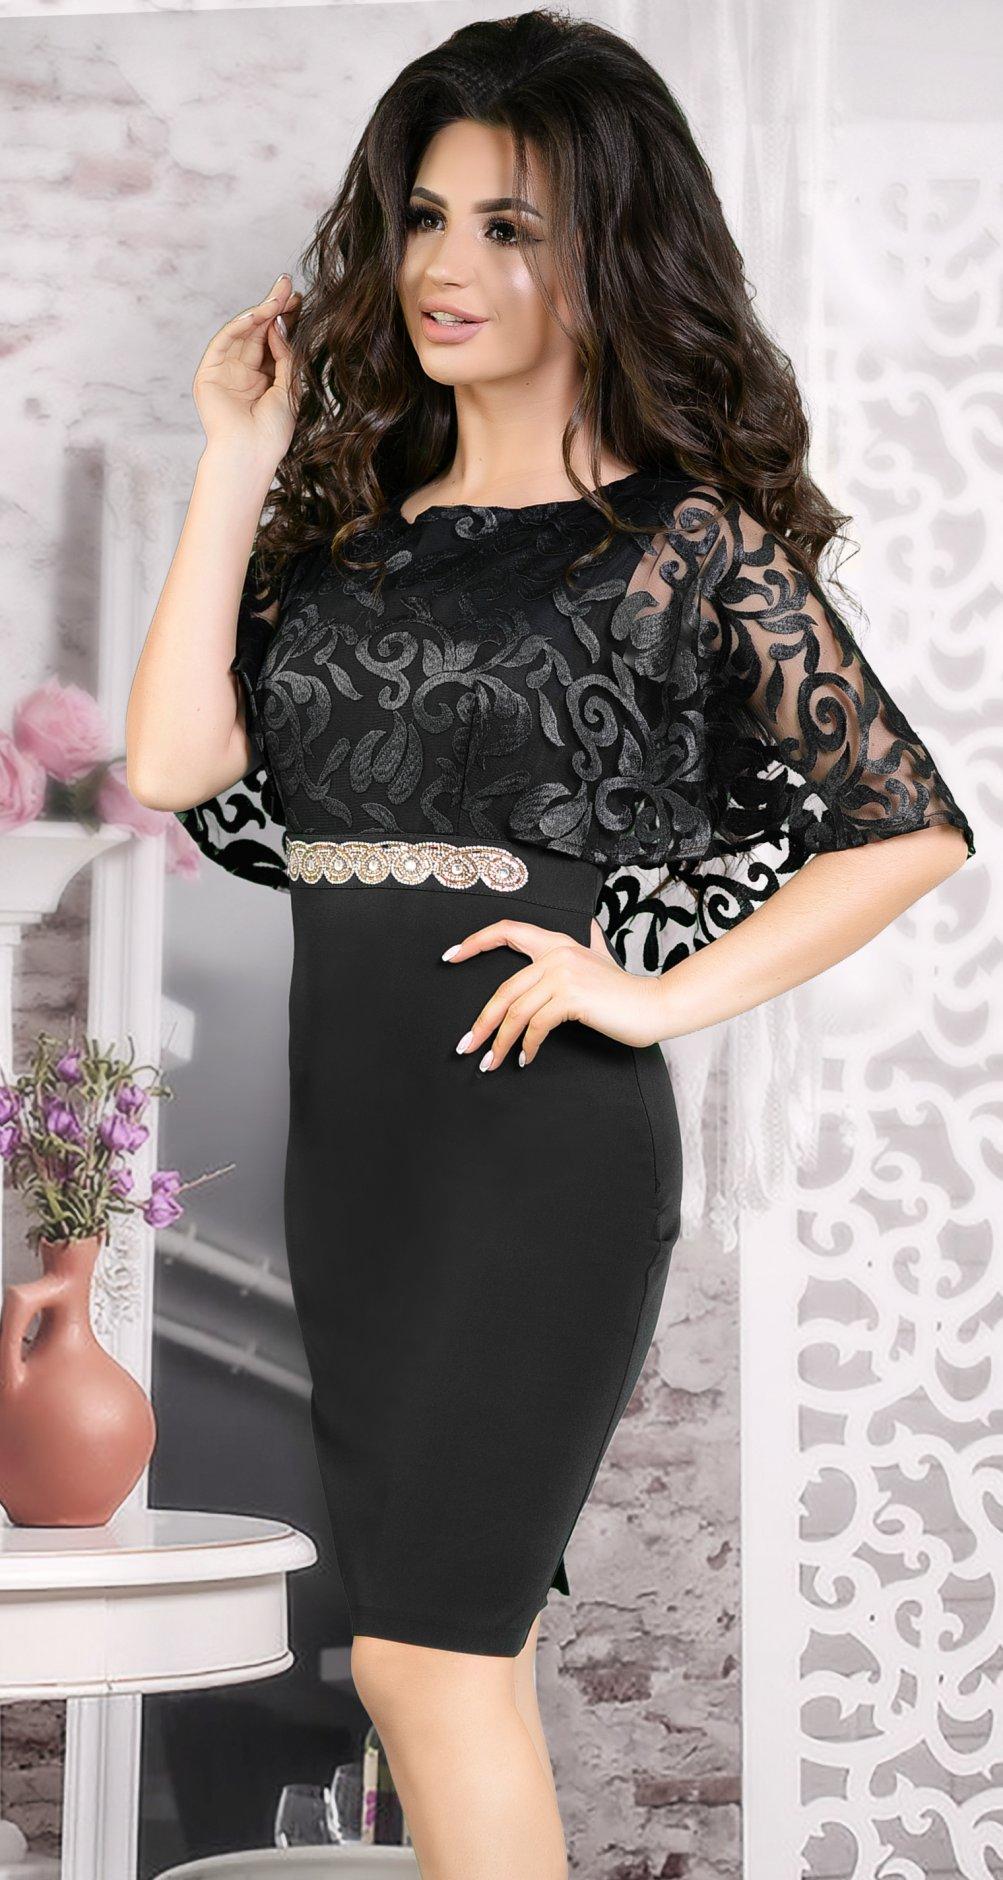 dcc42cda000 Вечернее платье с шёлковой вышивкой черное - Платье норма 42-48 ...